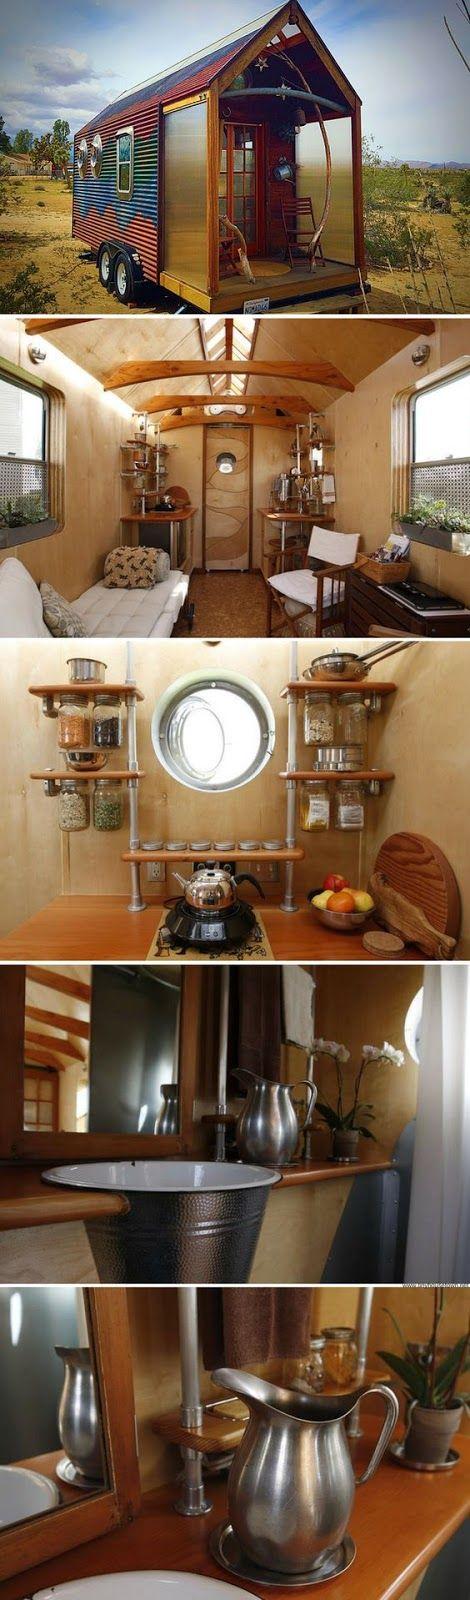 mytinyhousedirectory: The NOMAD Tiny House